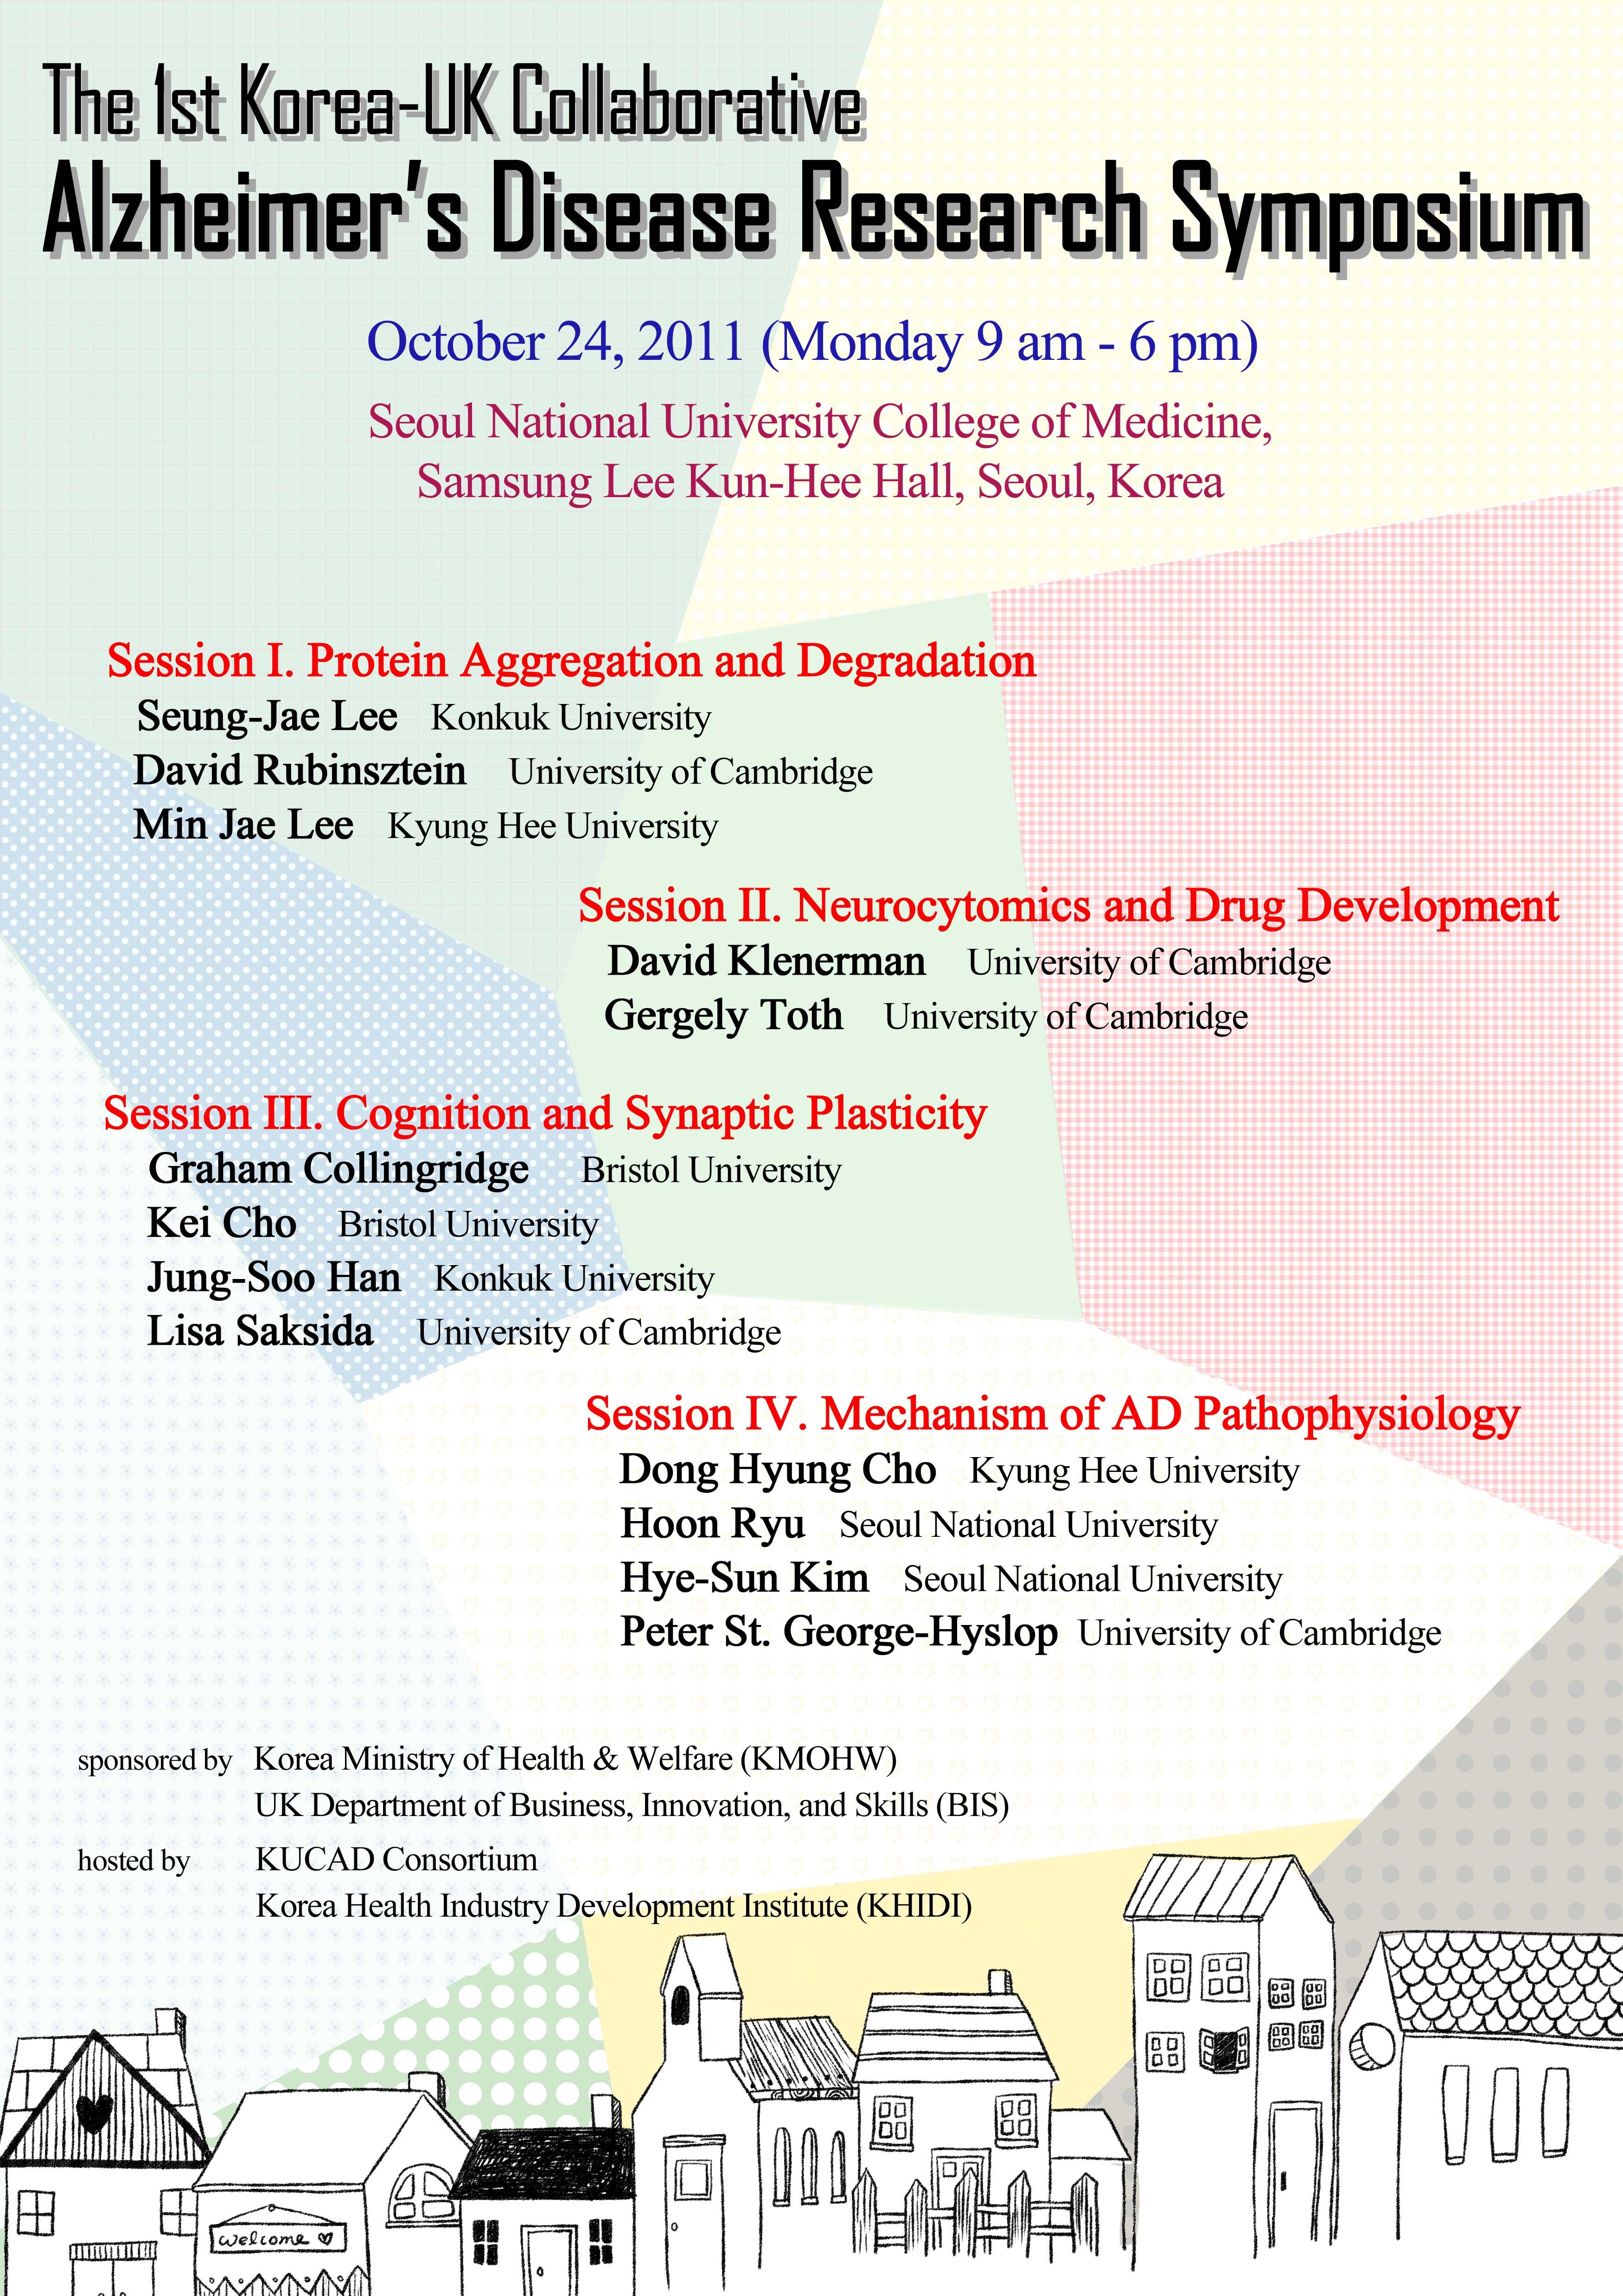 사본 -Korea_UK_Alzheimer_Symposium-Poster[1].jpg